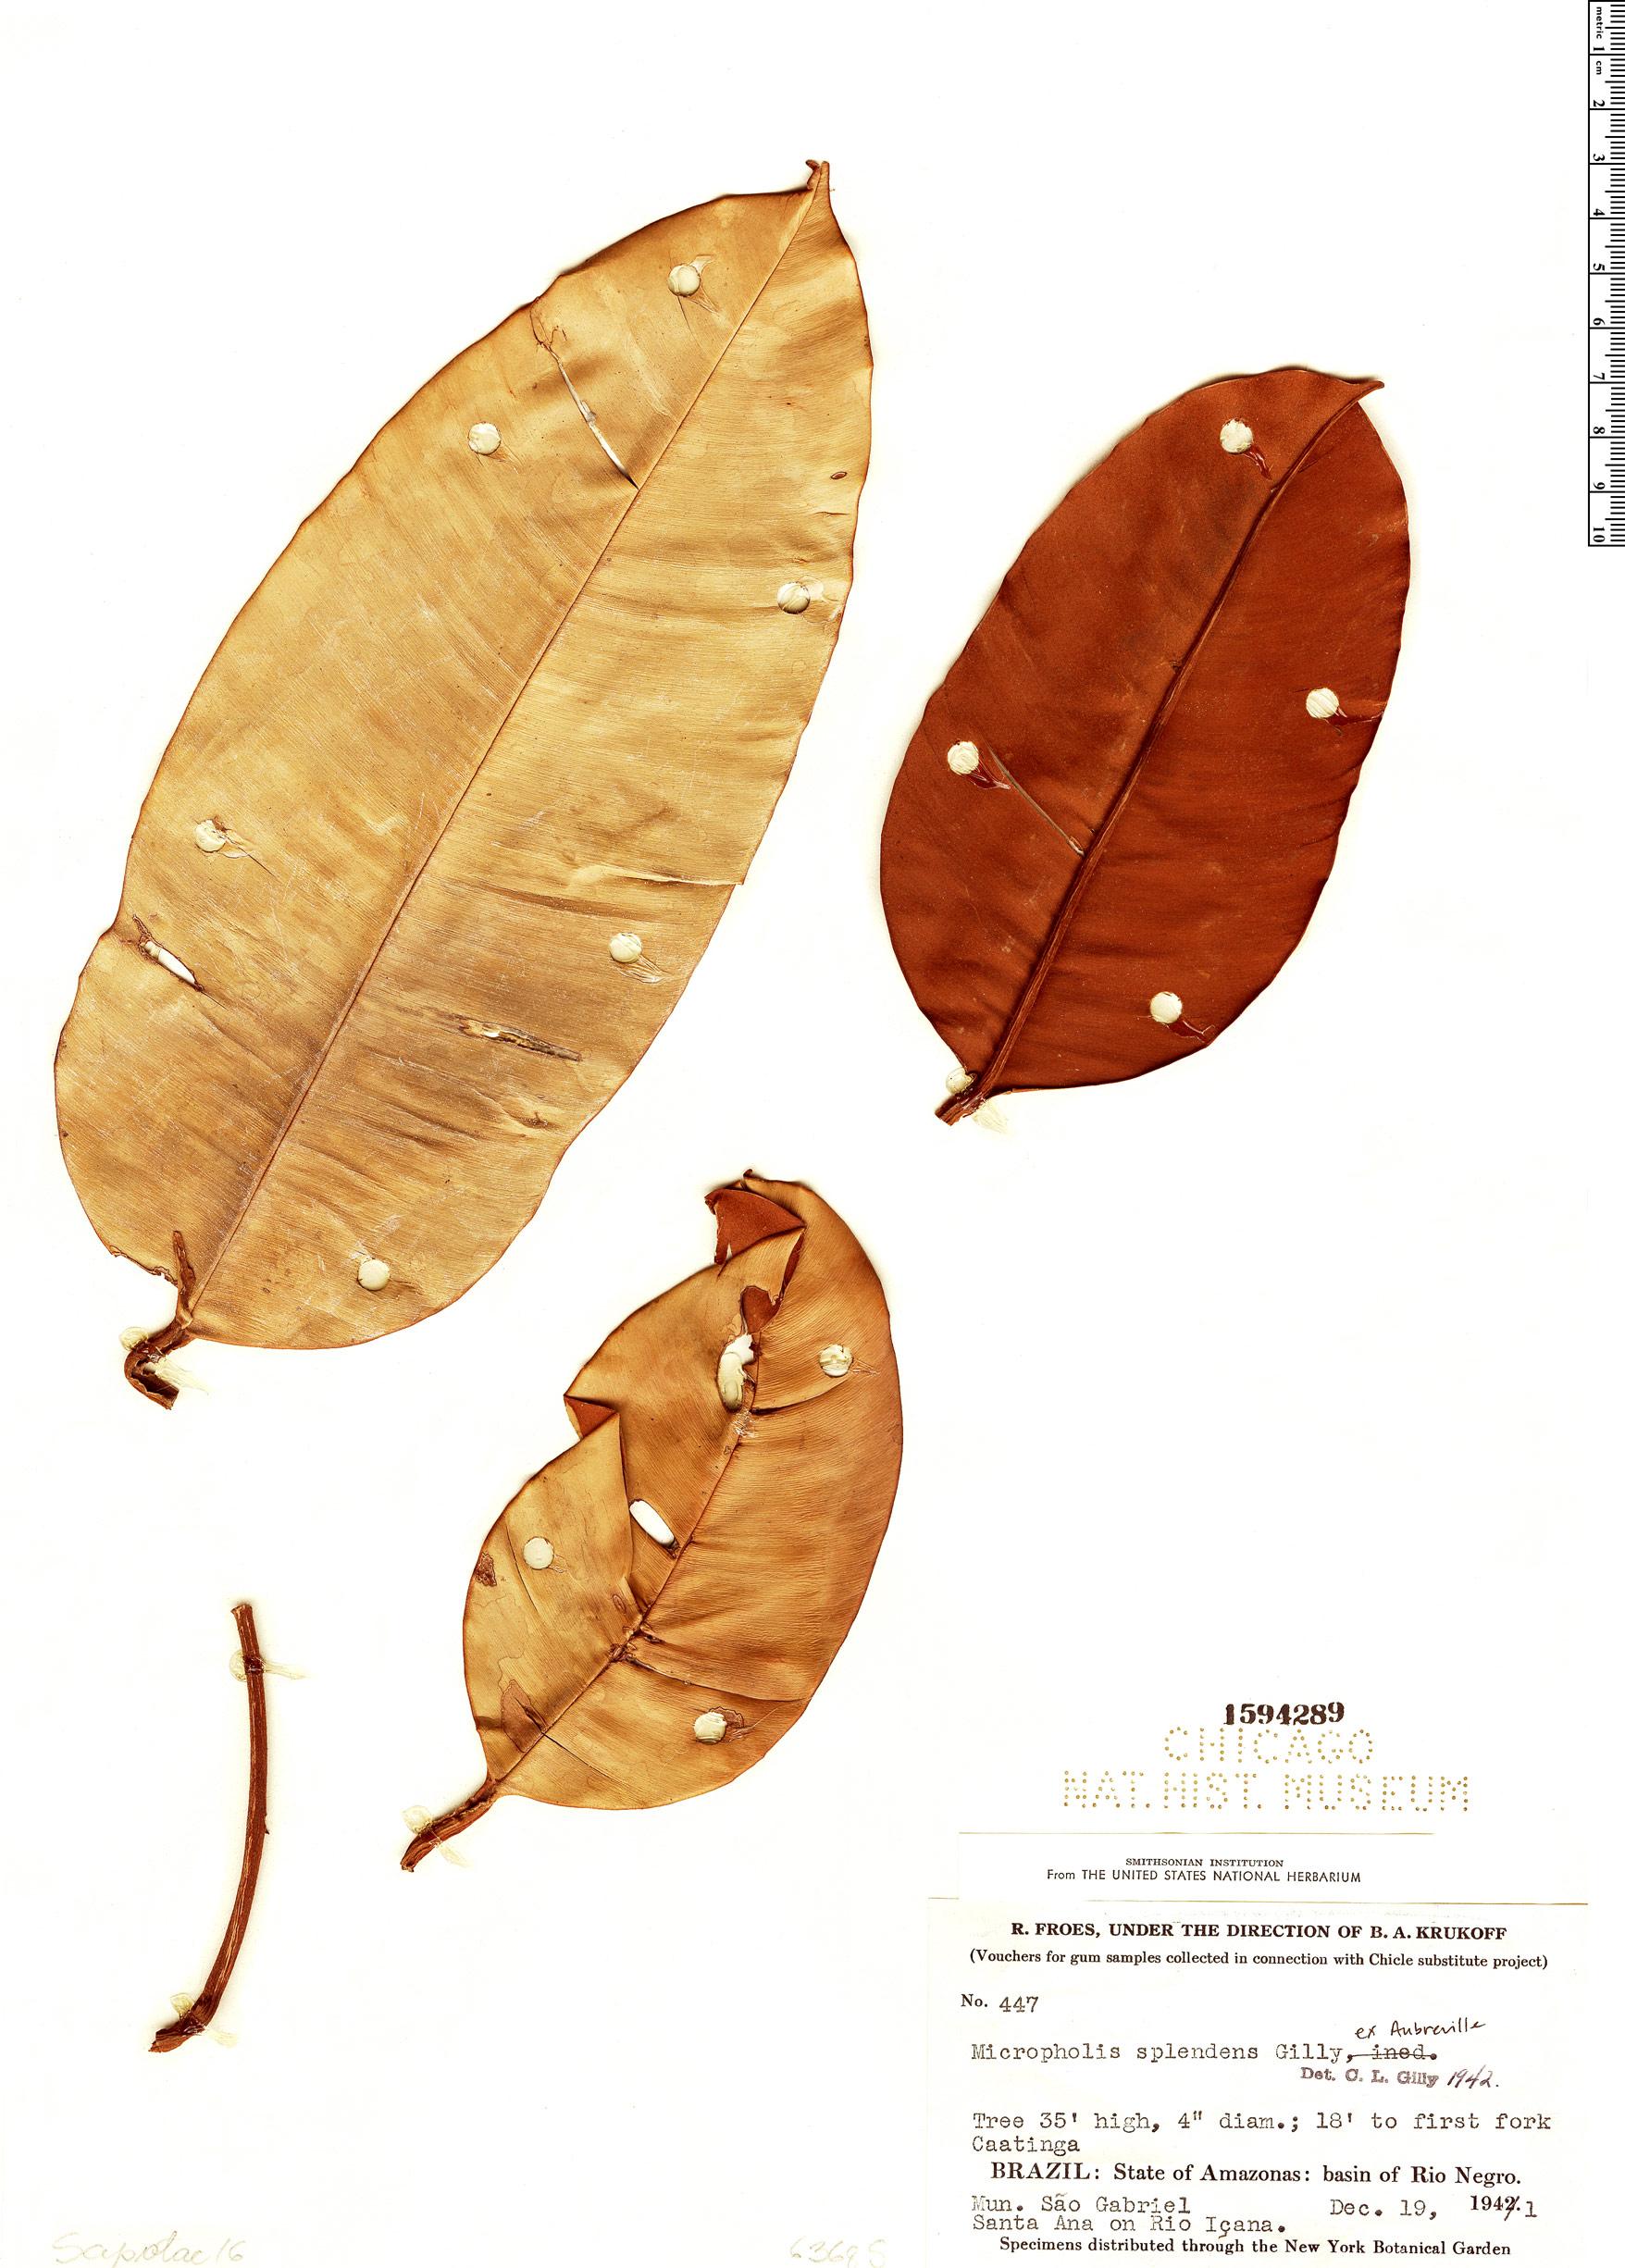 Espécimen: Micropholis splendens